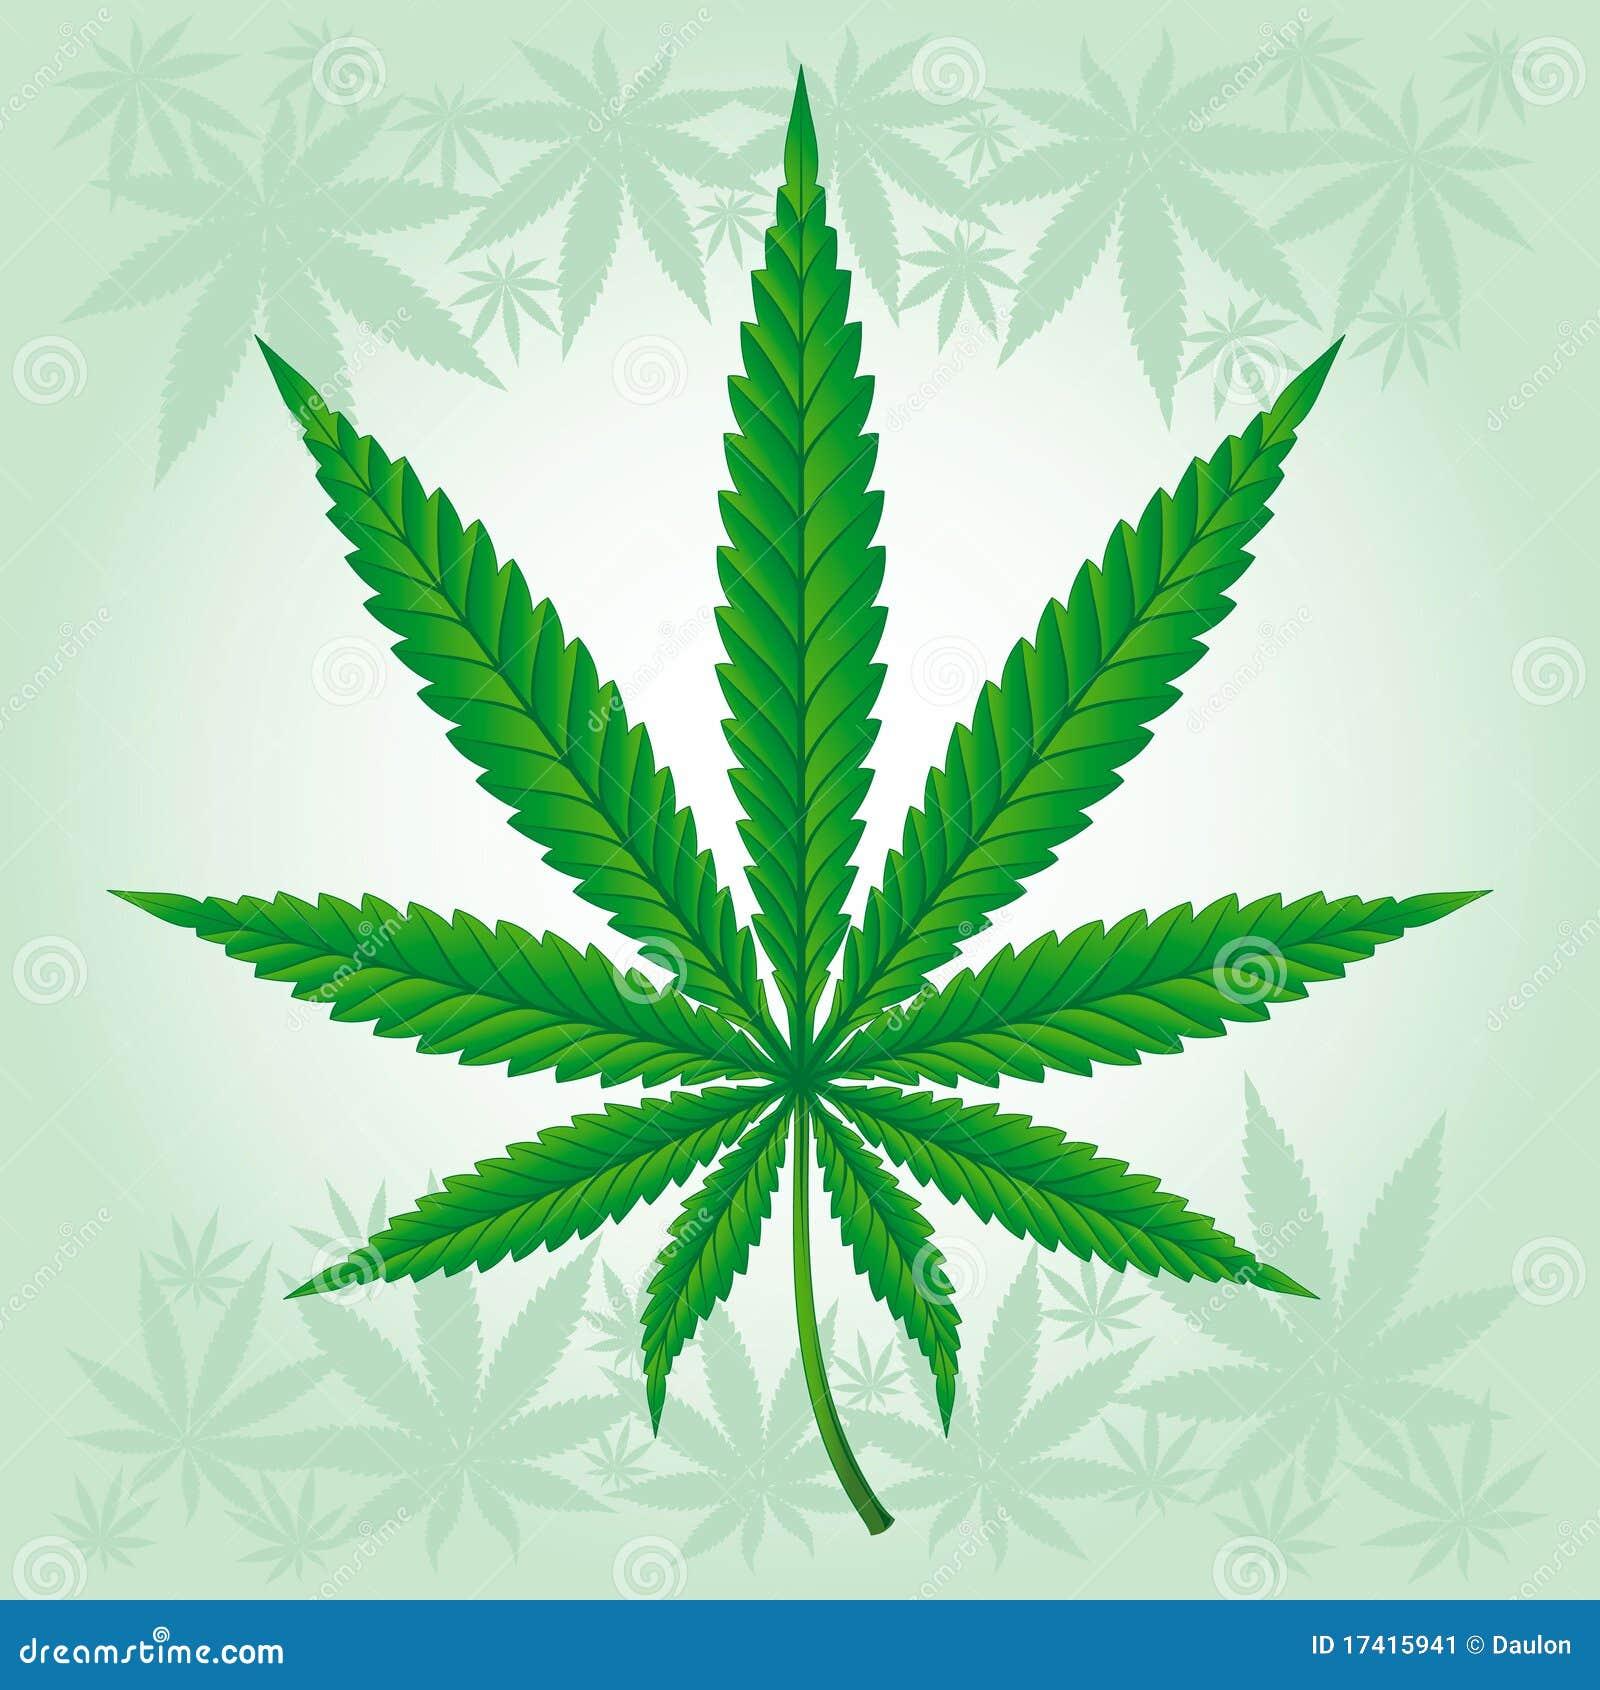 Folha do cannabis/marijuana/cânhamo detalhada